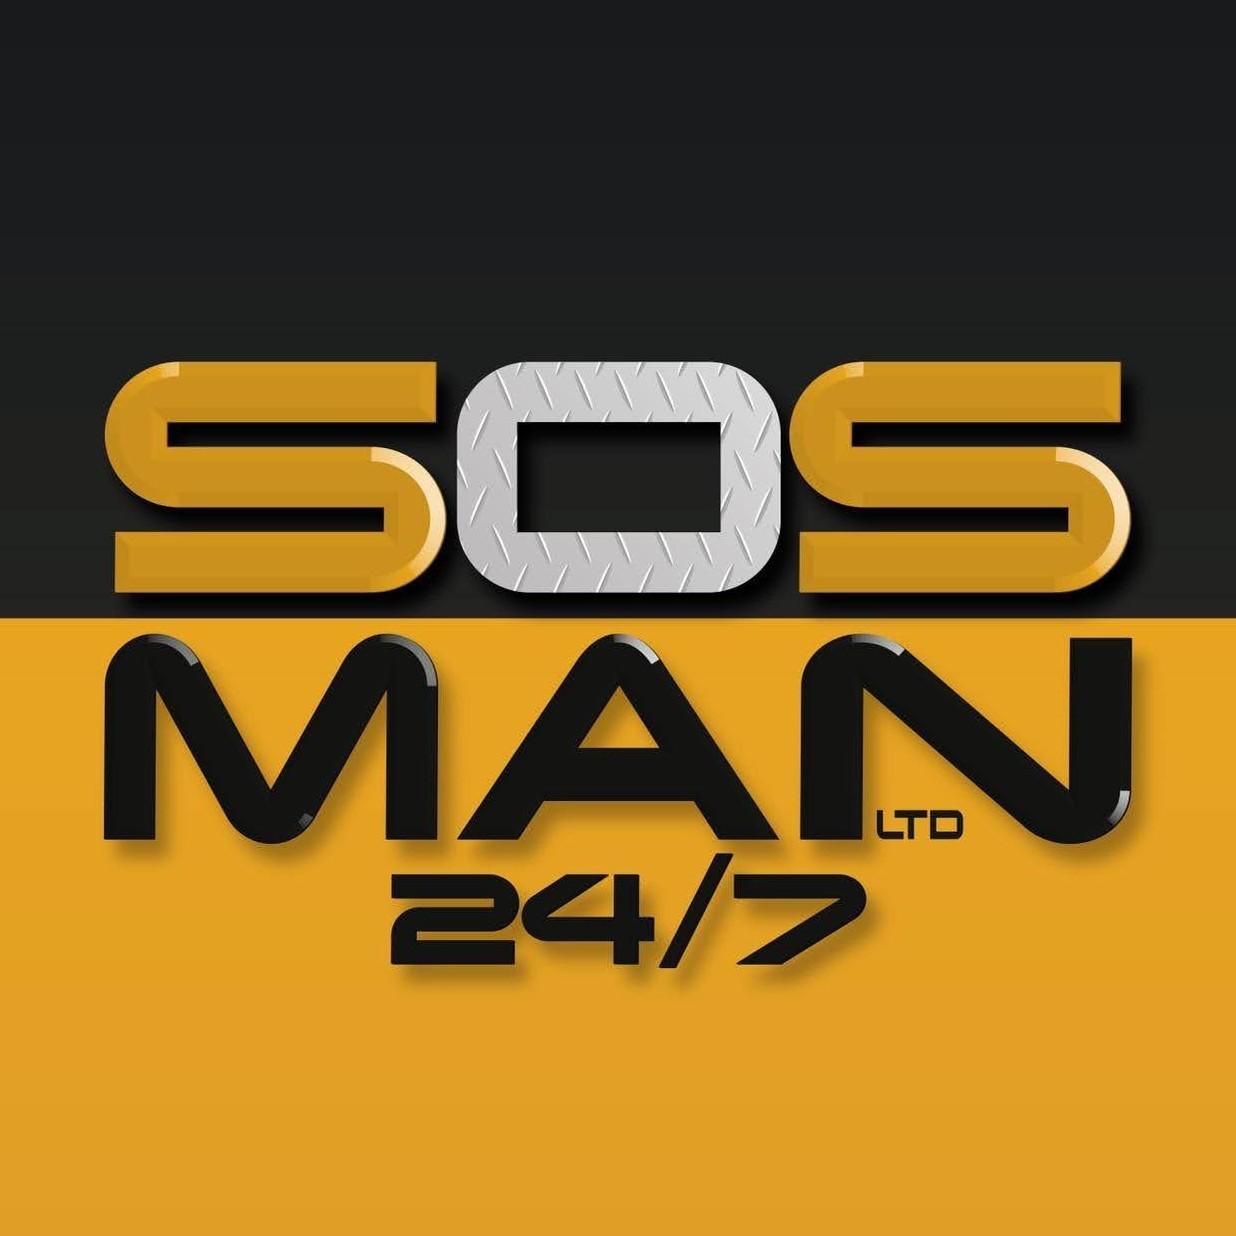 SOS-Man 24/7 Ltd